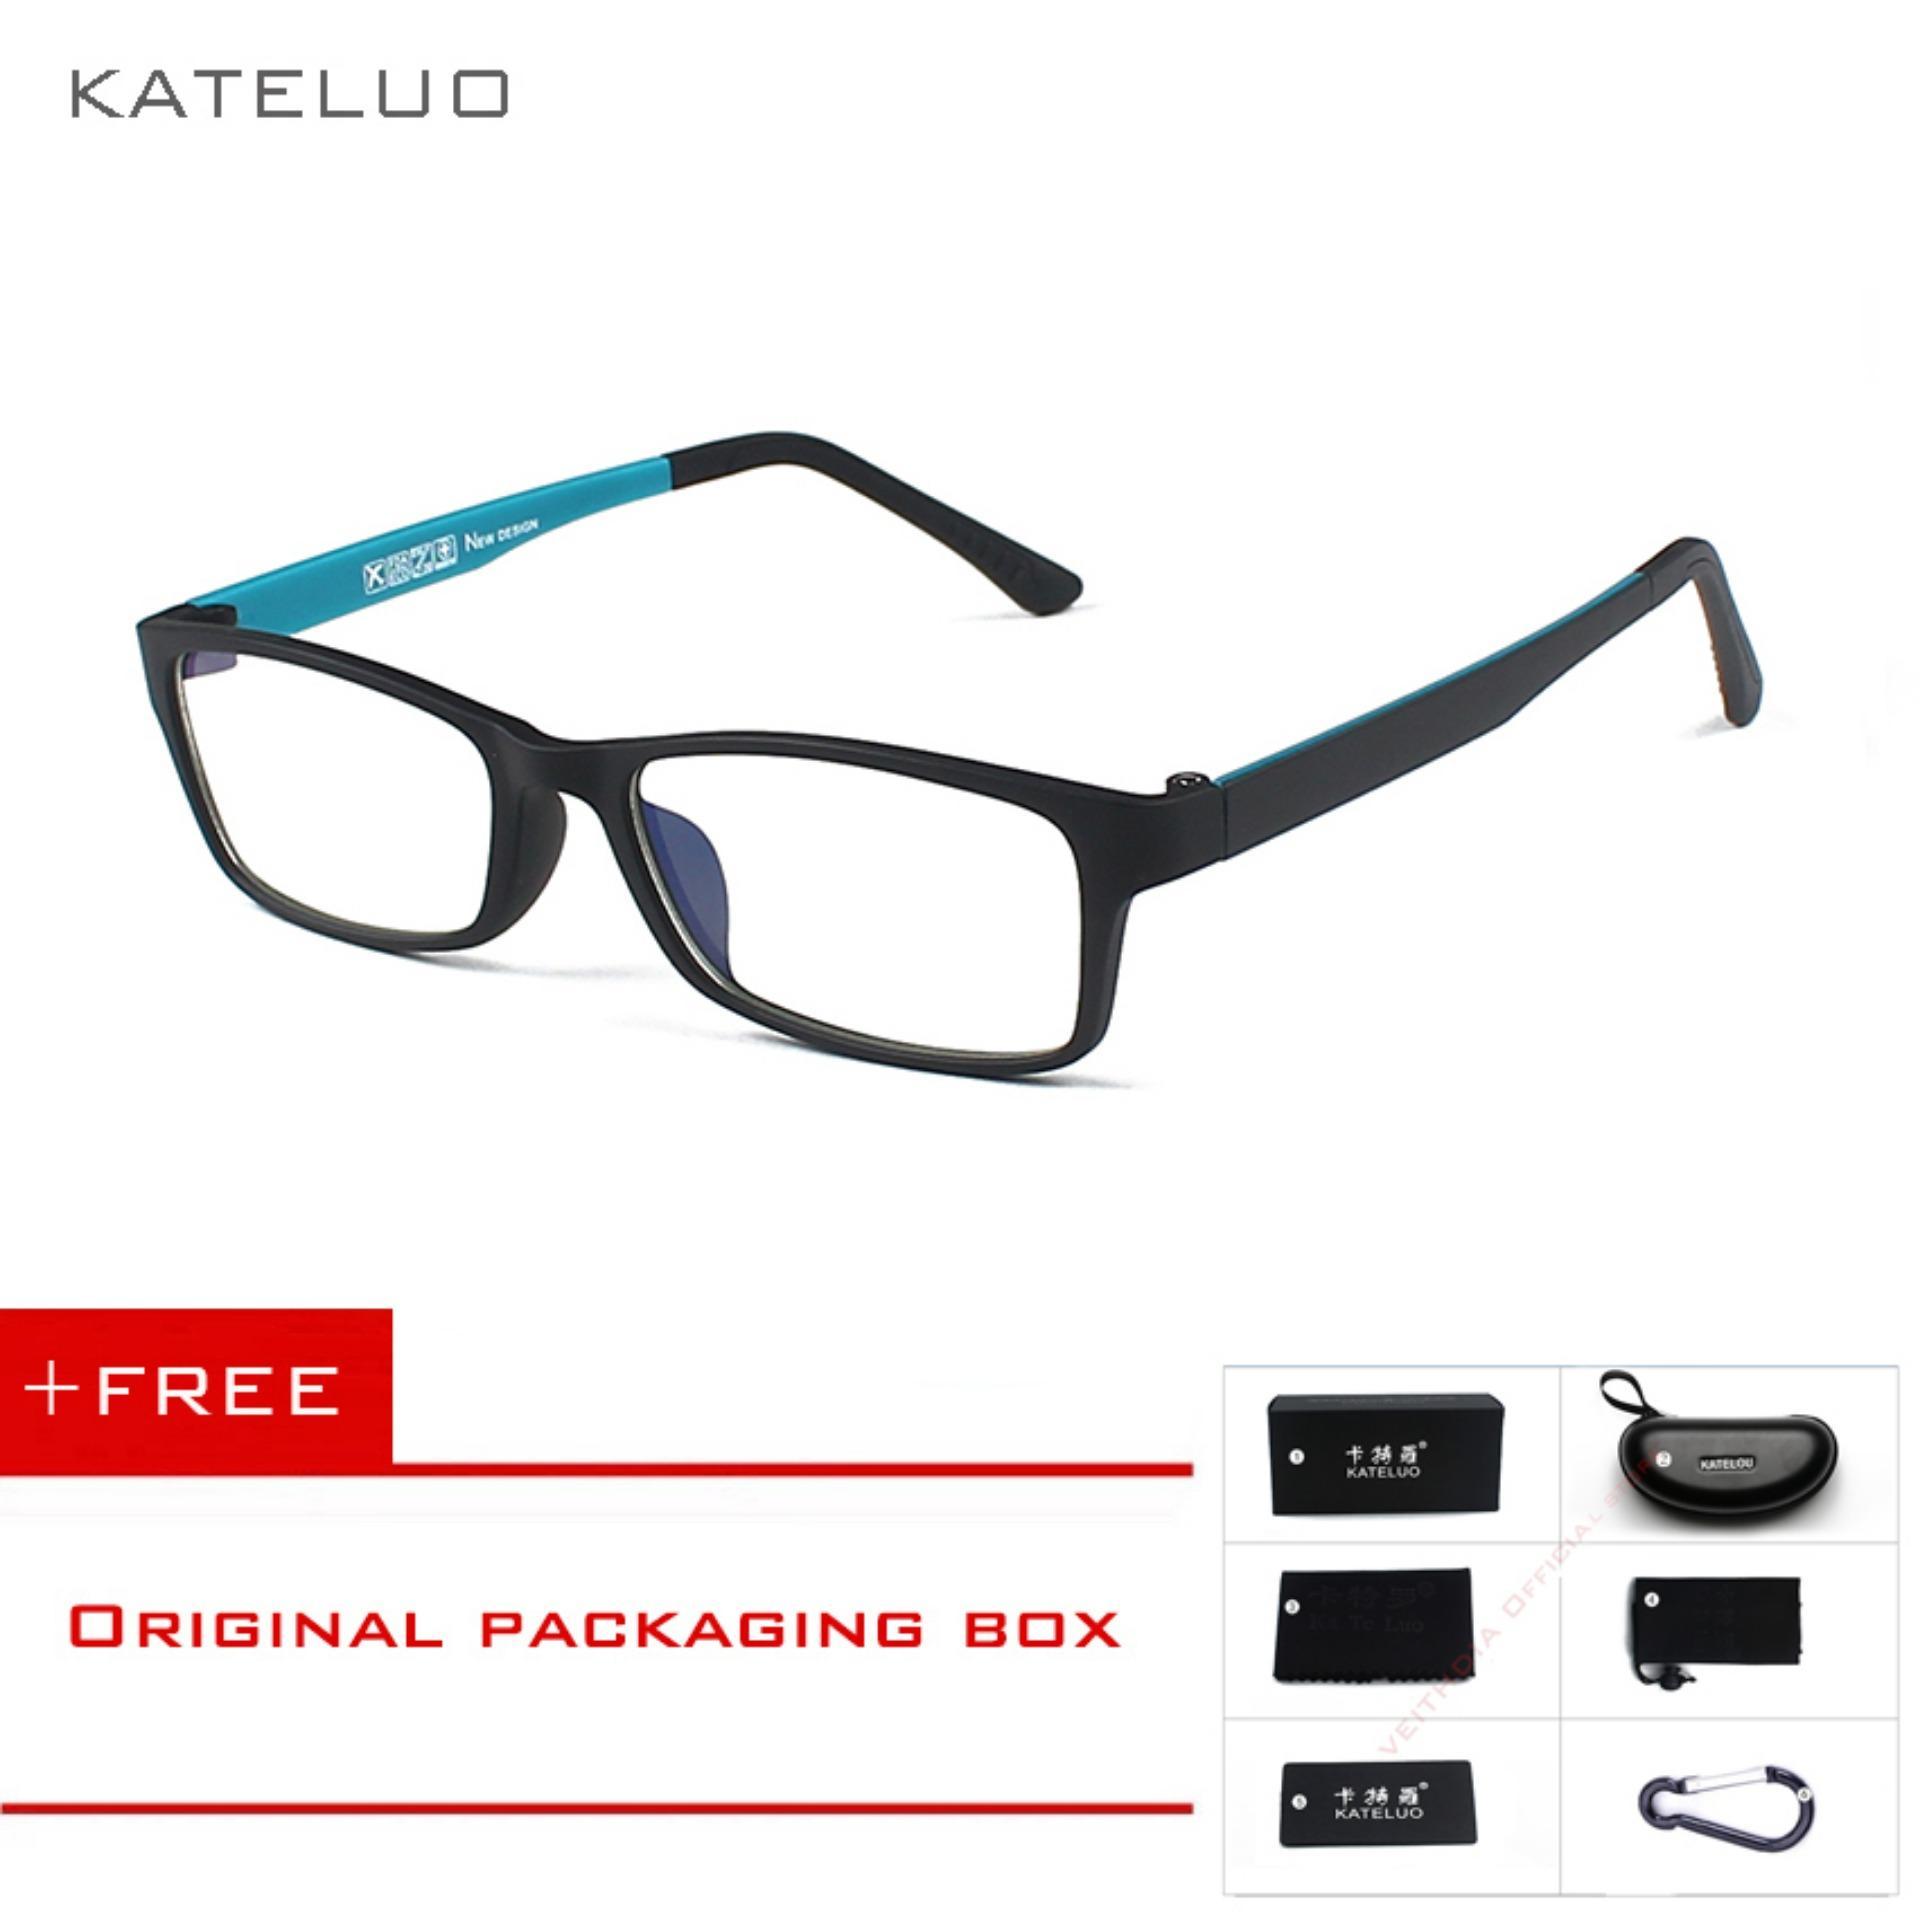 COD+Pengiriman Gratis KATELUO Kacamata Radiasi Kacamat Komputer Anti Lelah  Untuk Pria Wanita 1302 6a86fdaf6f